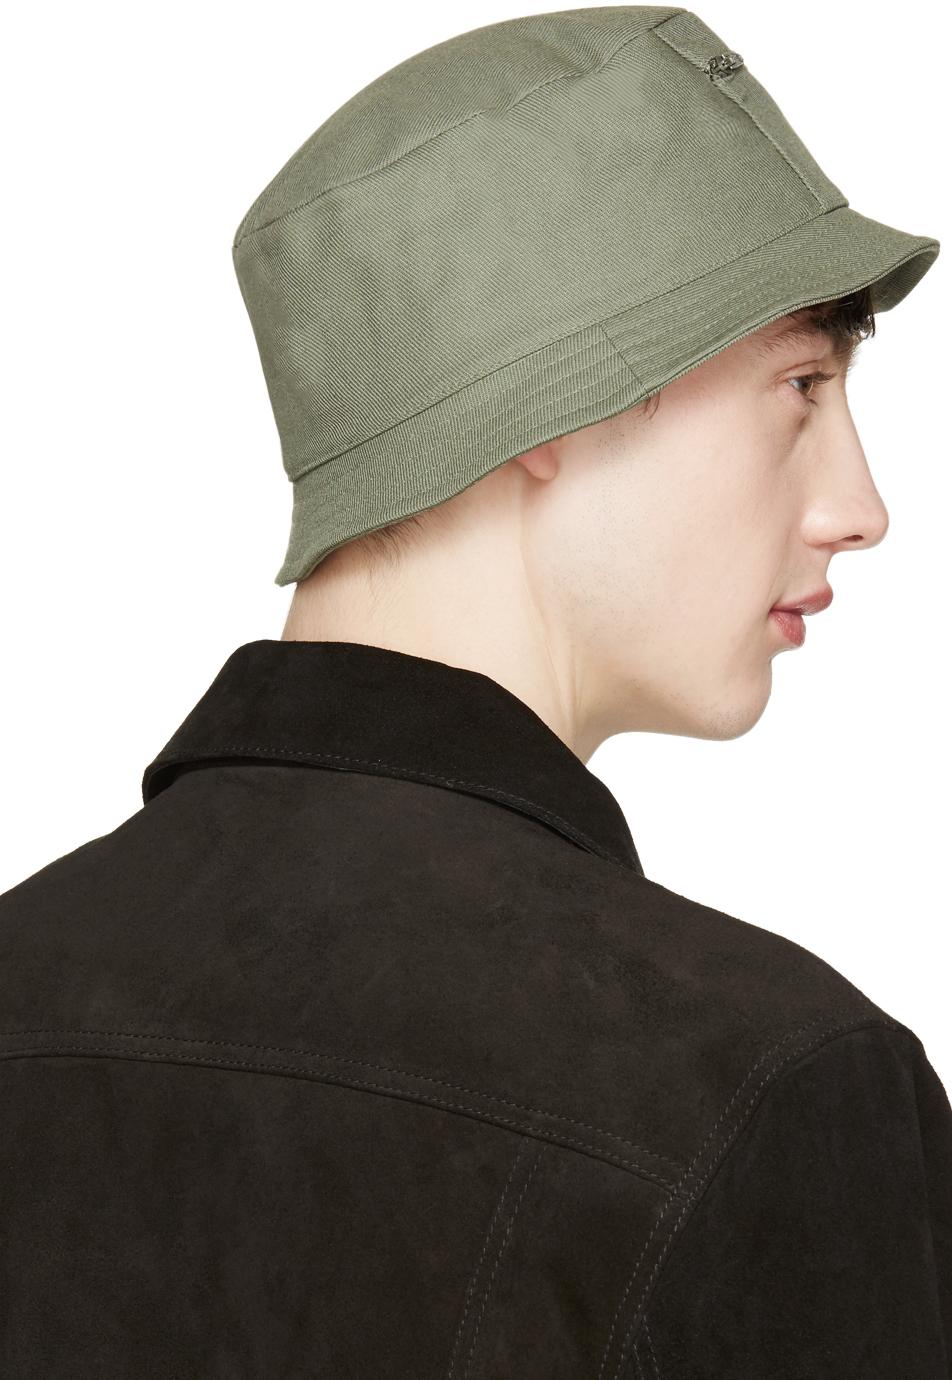 Maison Kitsuné Khaki Canvas Bucket Hat in Natural for Men - Lyst 4fca68a97fc